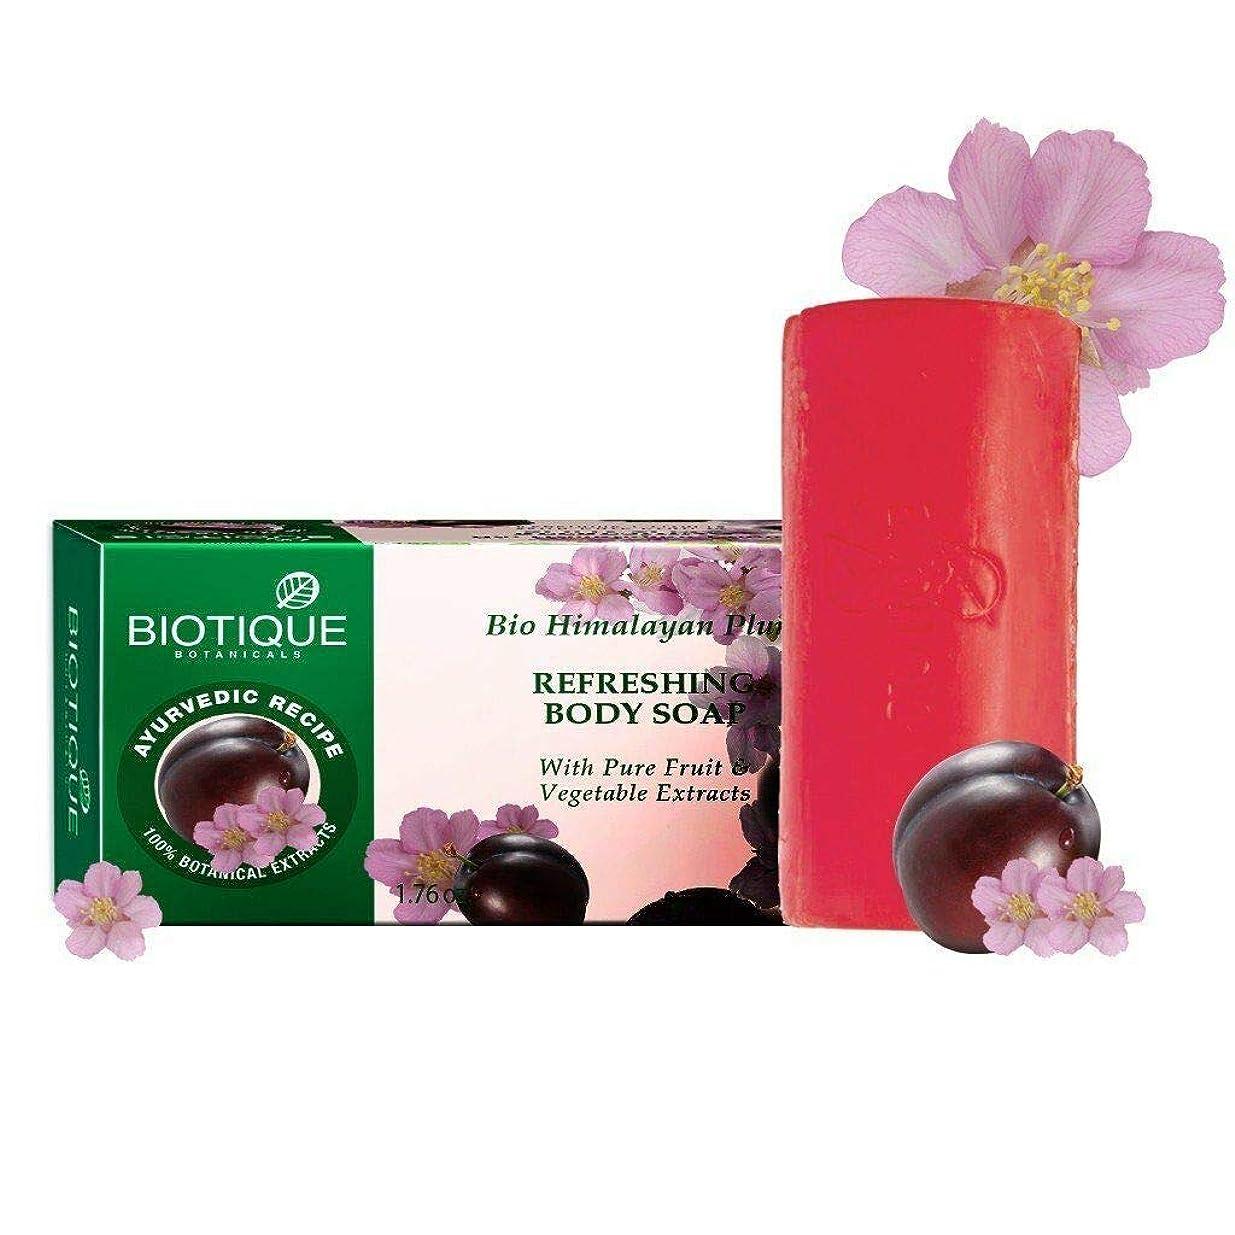 終わった玉ねぎお手伝いさんBiotique Orange Peel Revitalizing Body Soap 150 gm (Pack of 2) Unique Soap ビオティックオレンジピールリバイタライジングボディソープユニークソープ